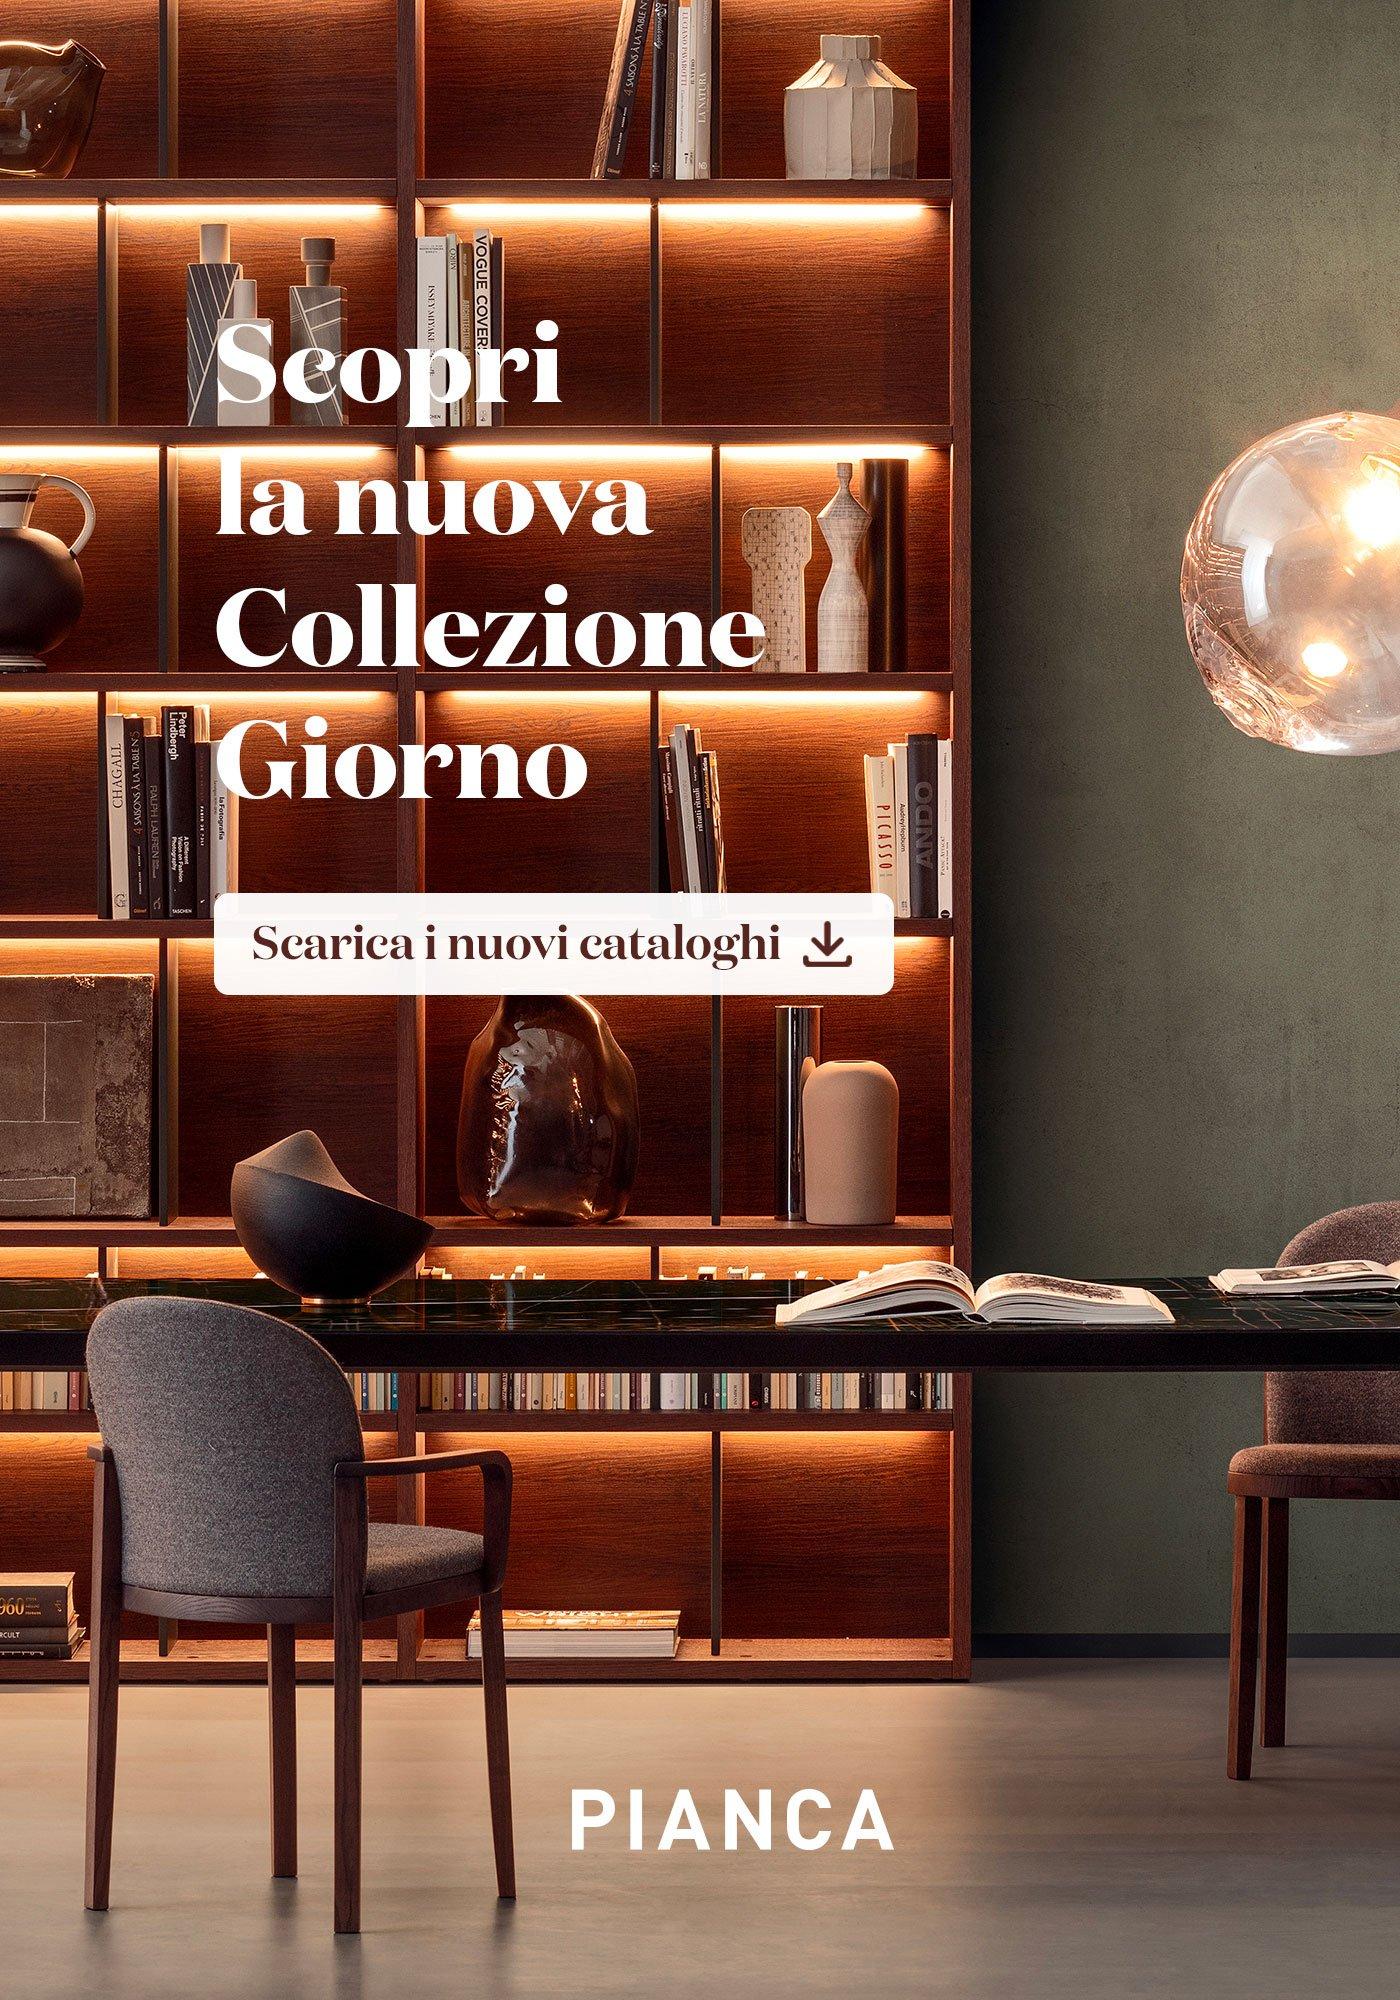 Divano E Tavolo Insieme divani e poltrone sono i protagonisti del catalogo collezione